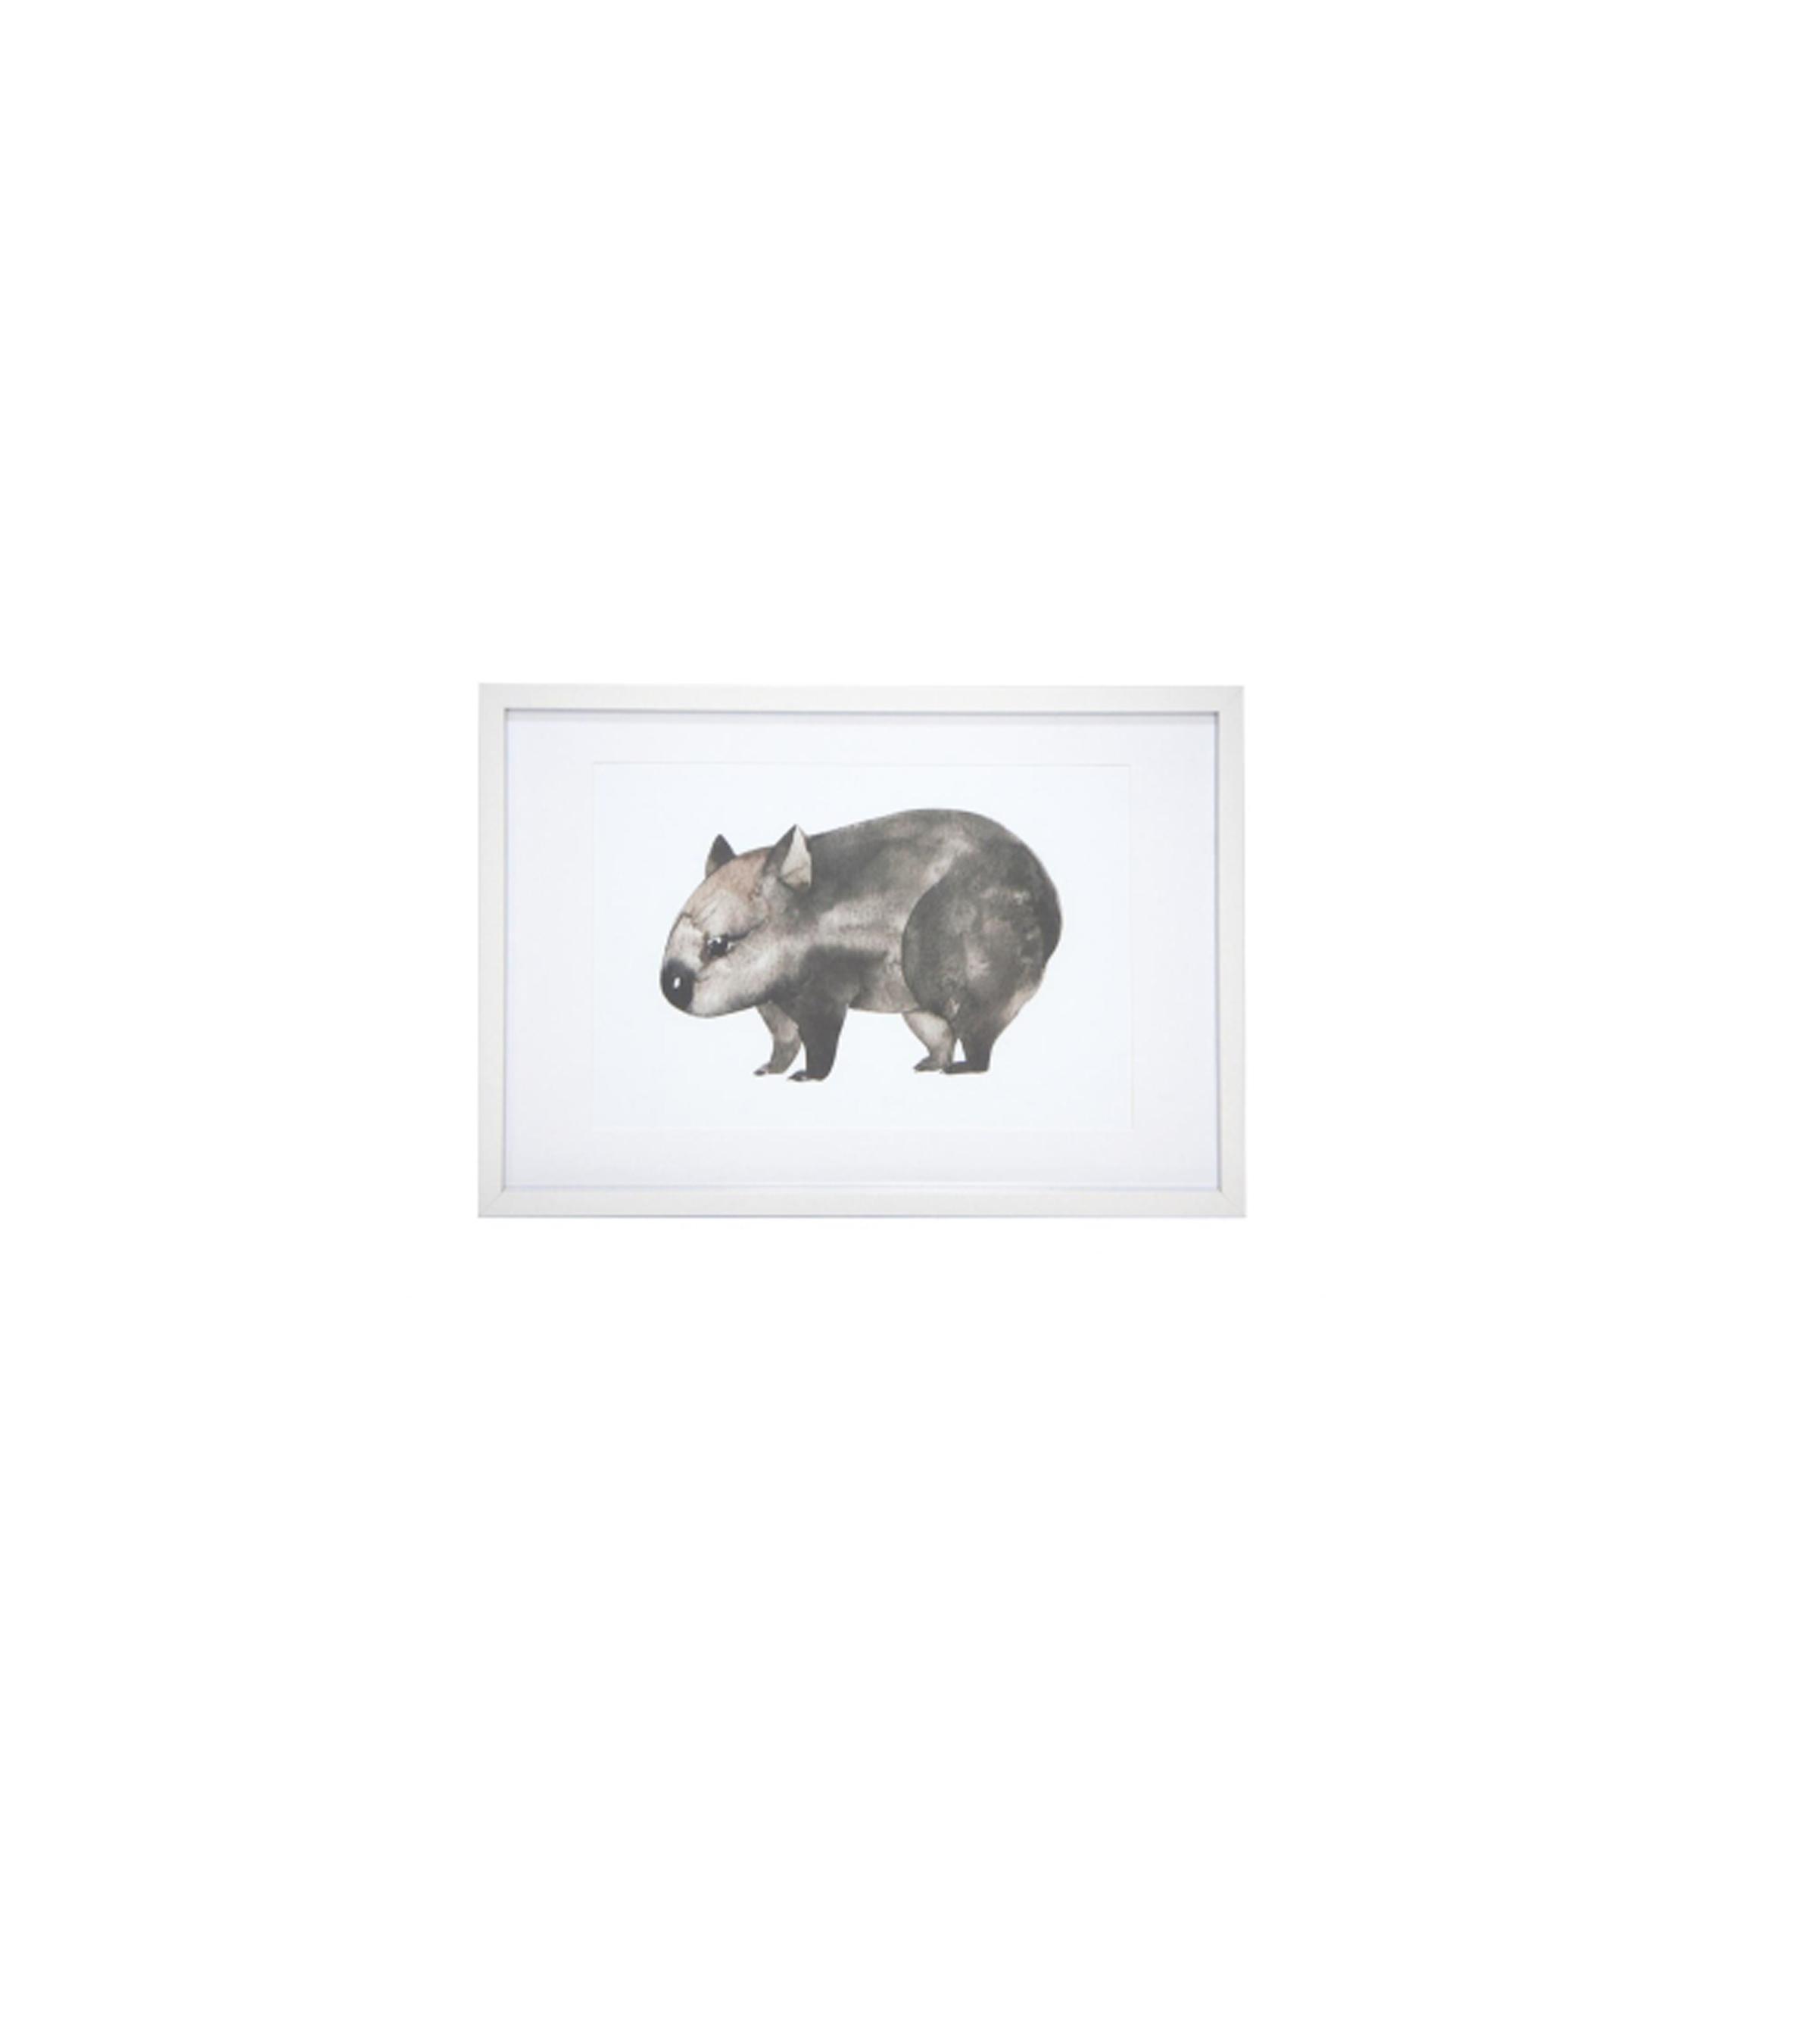 Wally Wombat